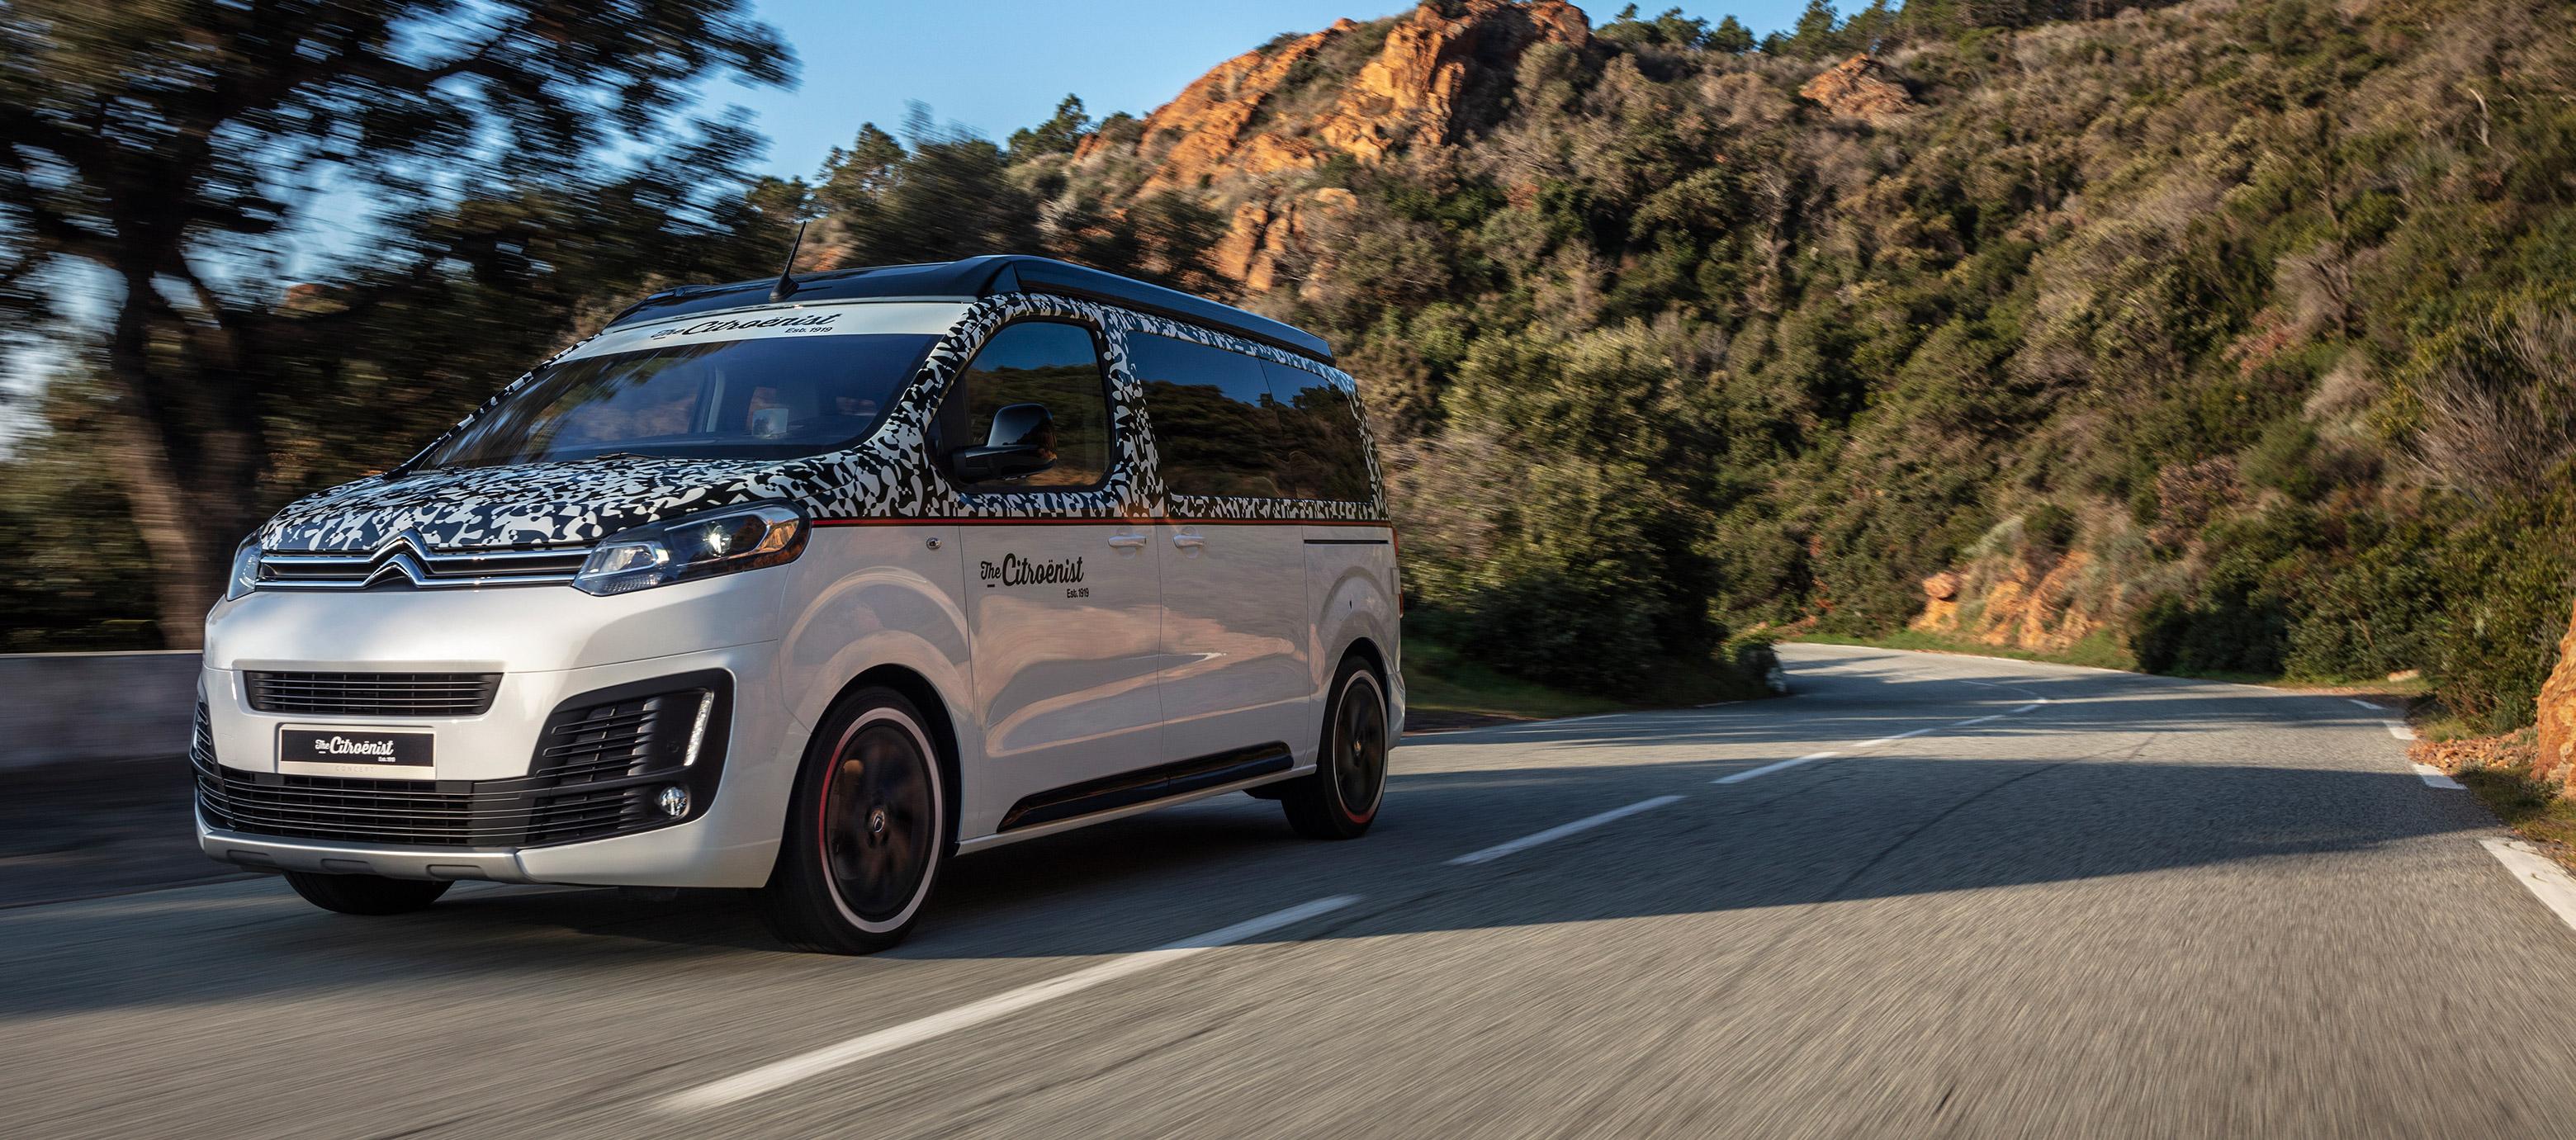 Citroën expone el Spacetourer The Citroënist Concept